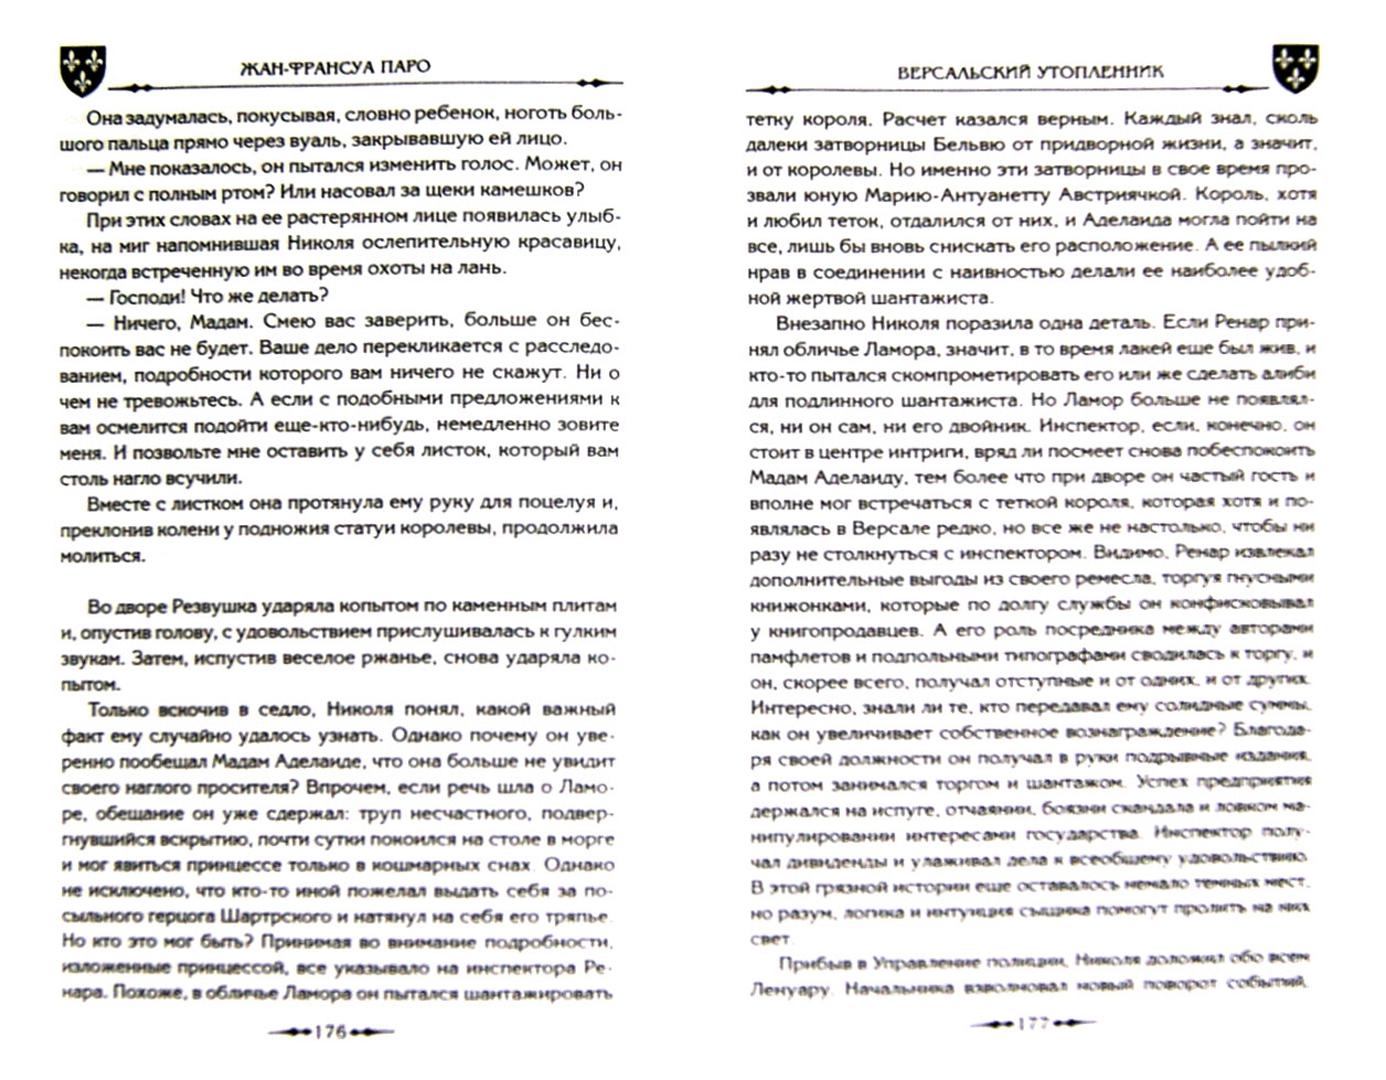 Иллюстрация 1 из 23 для Версальский утопленник - Жан-Франсуа Паро | Лабиринт - книги. Источник: Лабиринт